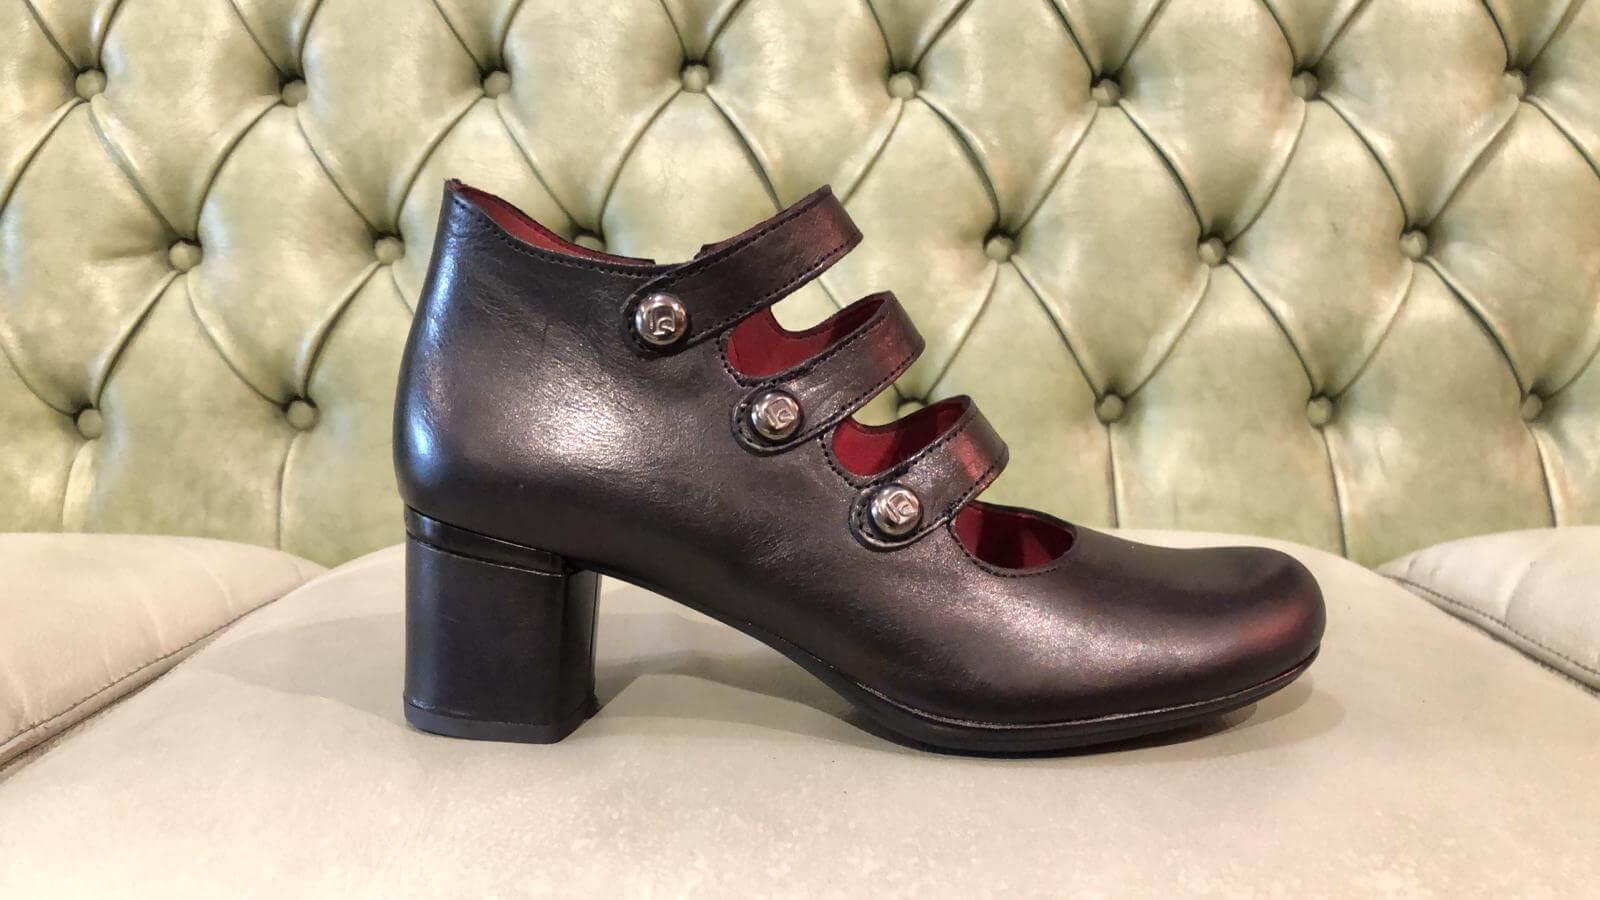 Scarpe nere con tacco medio